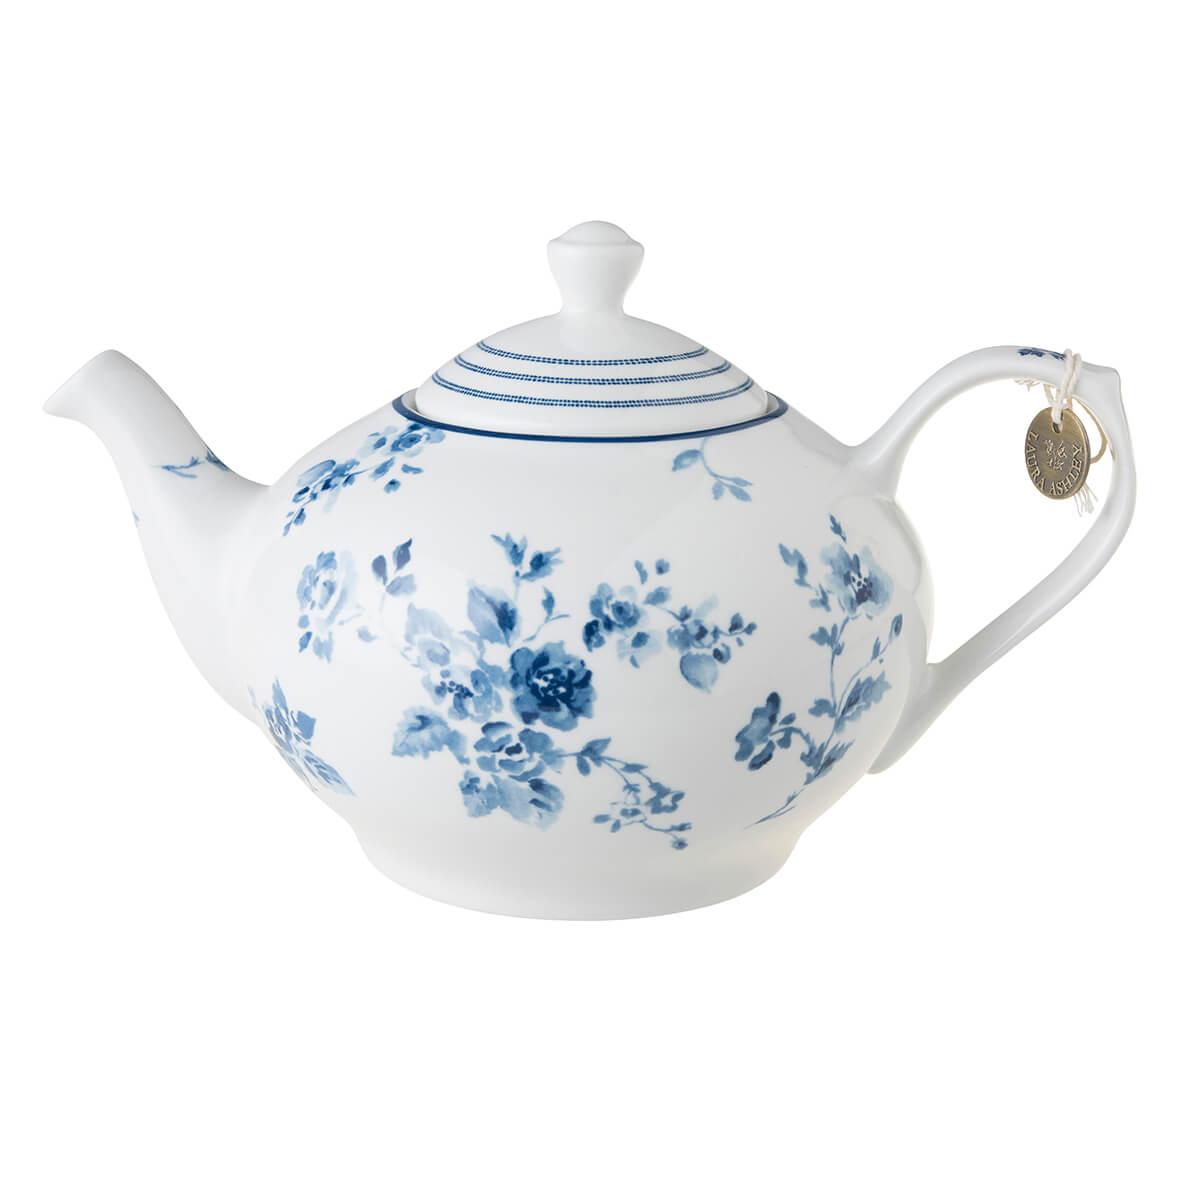 Онлайн каталог PROMENU: Чайник заварочный фарфоровый Laura Ashley BLUEPRINT, объем 1,6 л, белый с синими розами                               178673